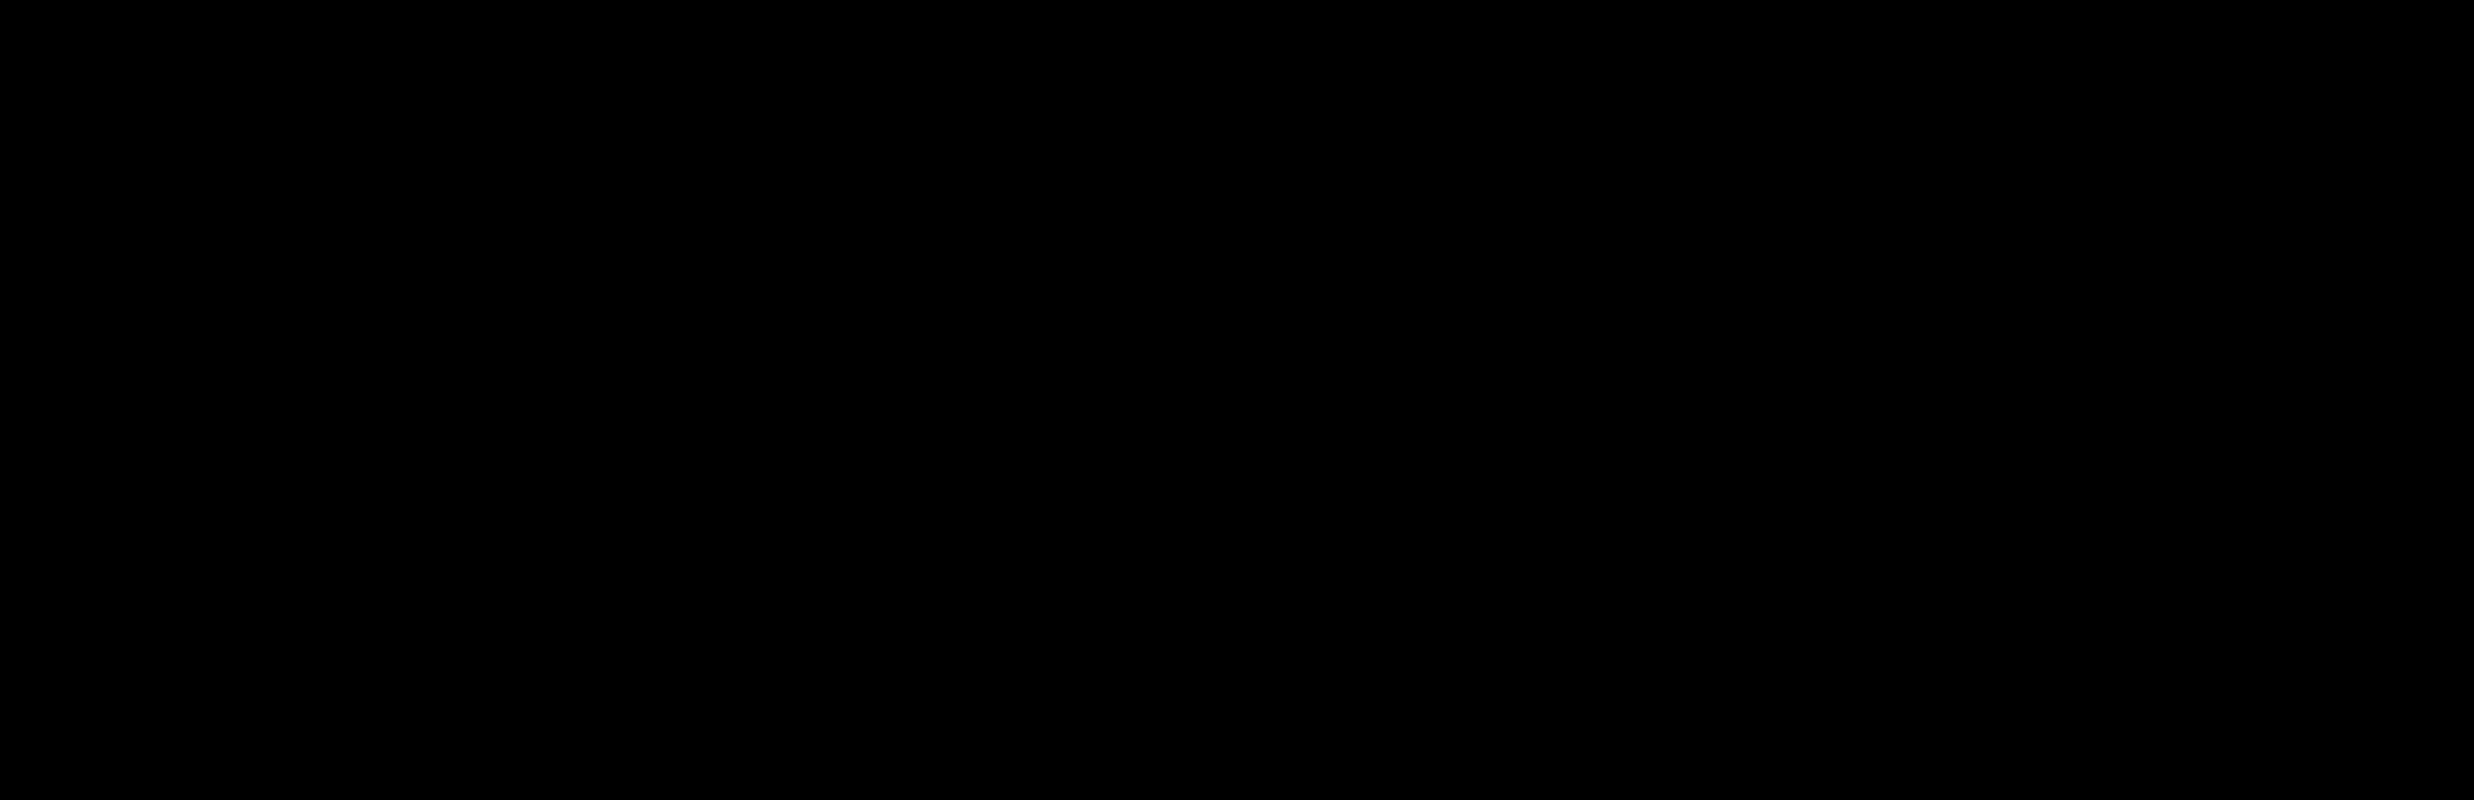 bg2018st-1-222